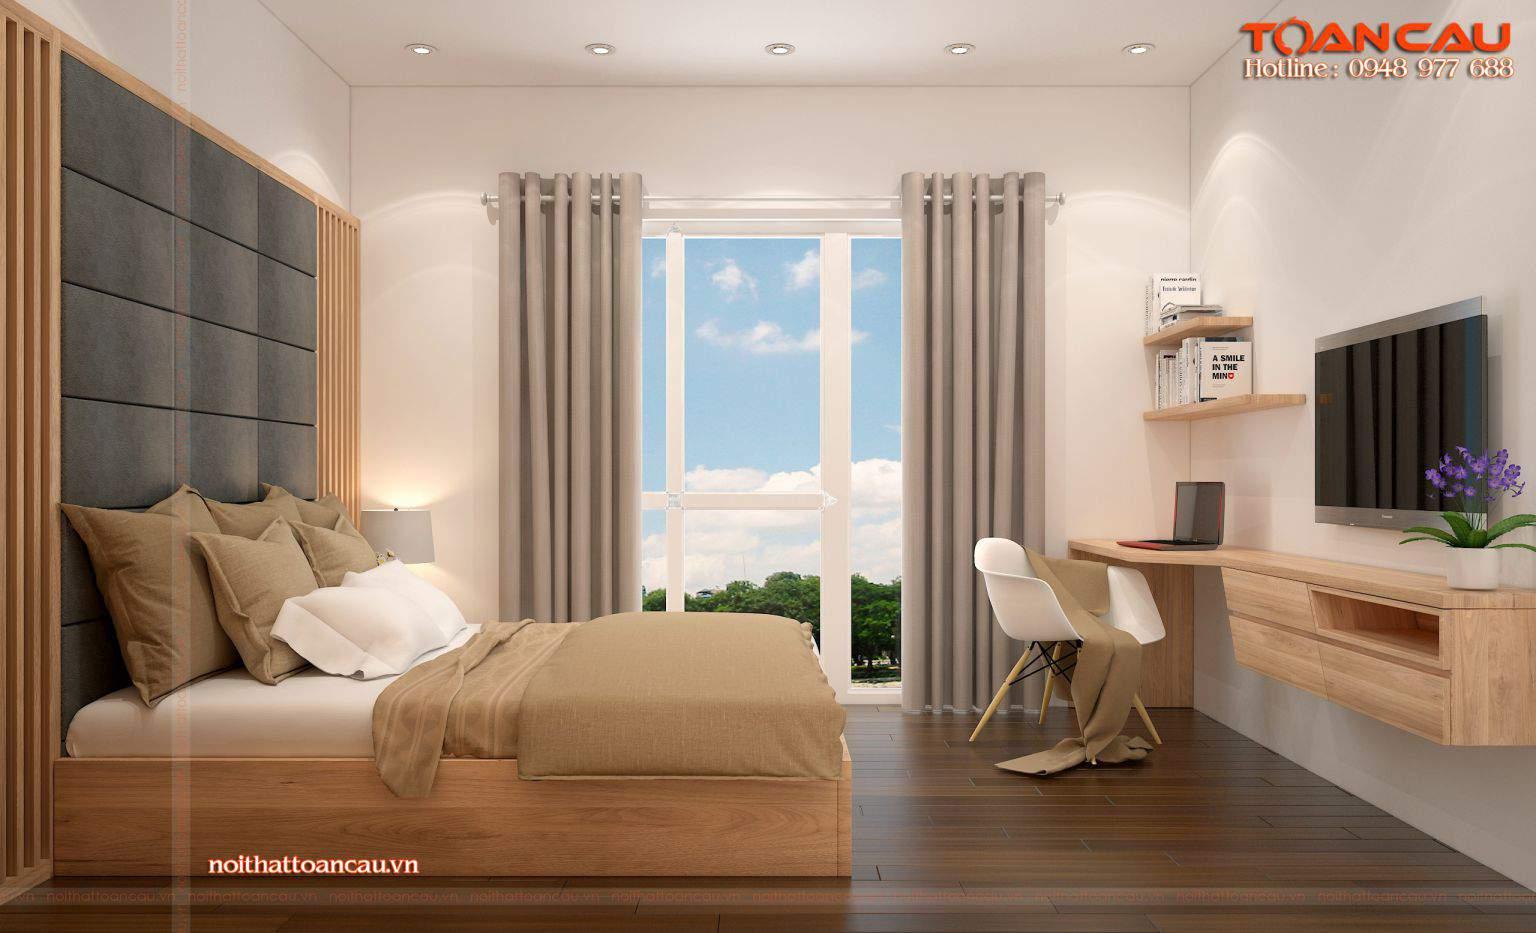 Mẫu thiết kế nội thất cho phòng ngủ nhỏ diện tích 9m2 đẹp hoàn hảo